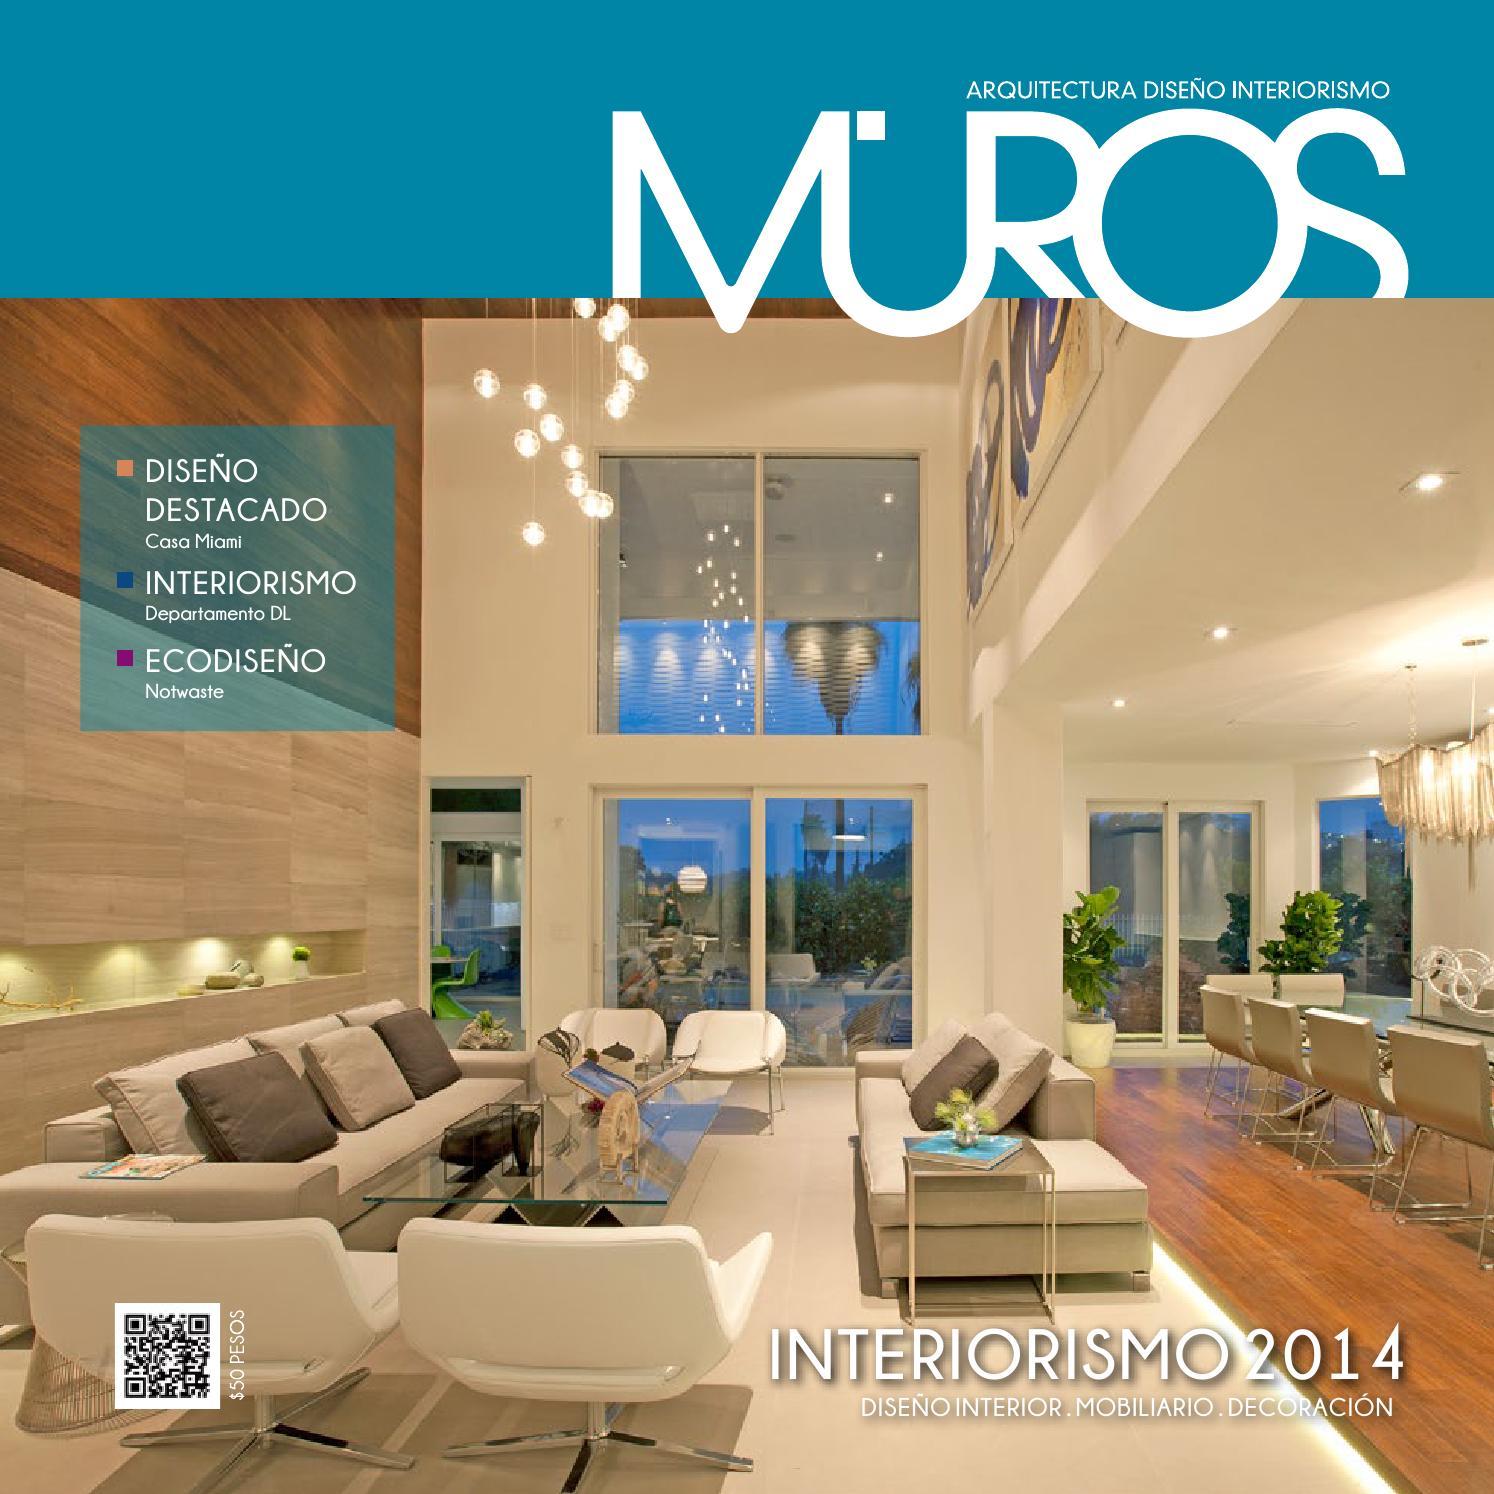 Edici n 13 revista muros arquitectura dise o for Donde se estudia diseno de interiores